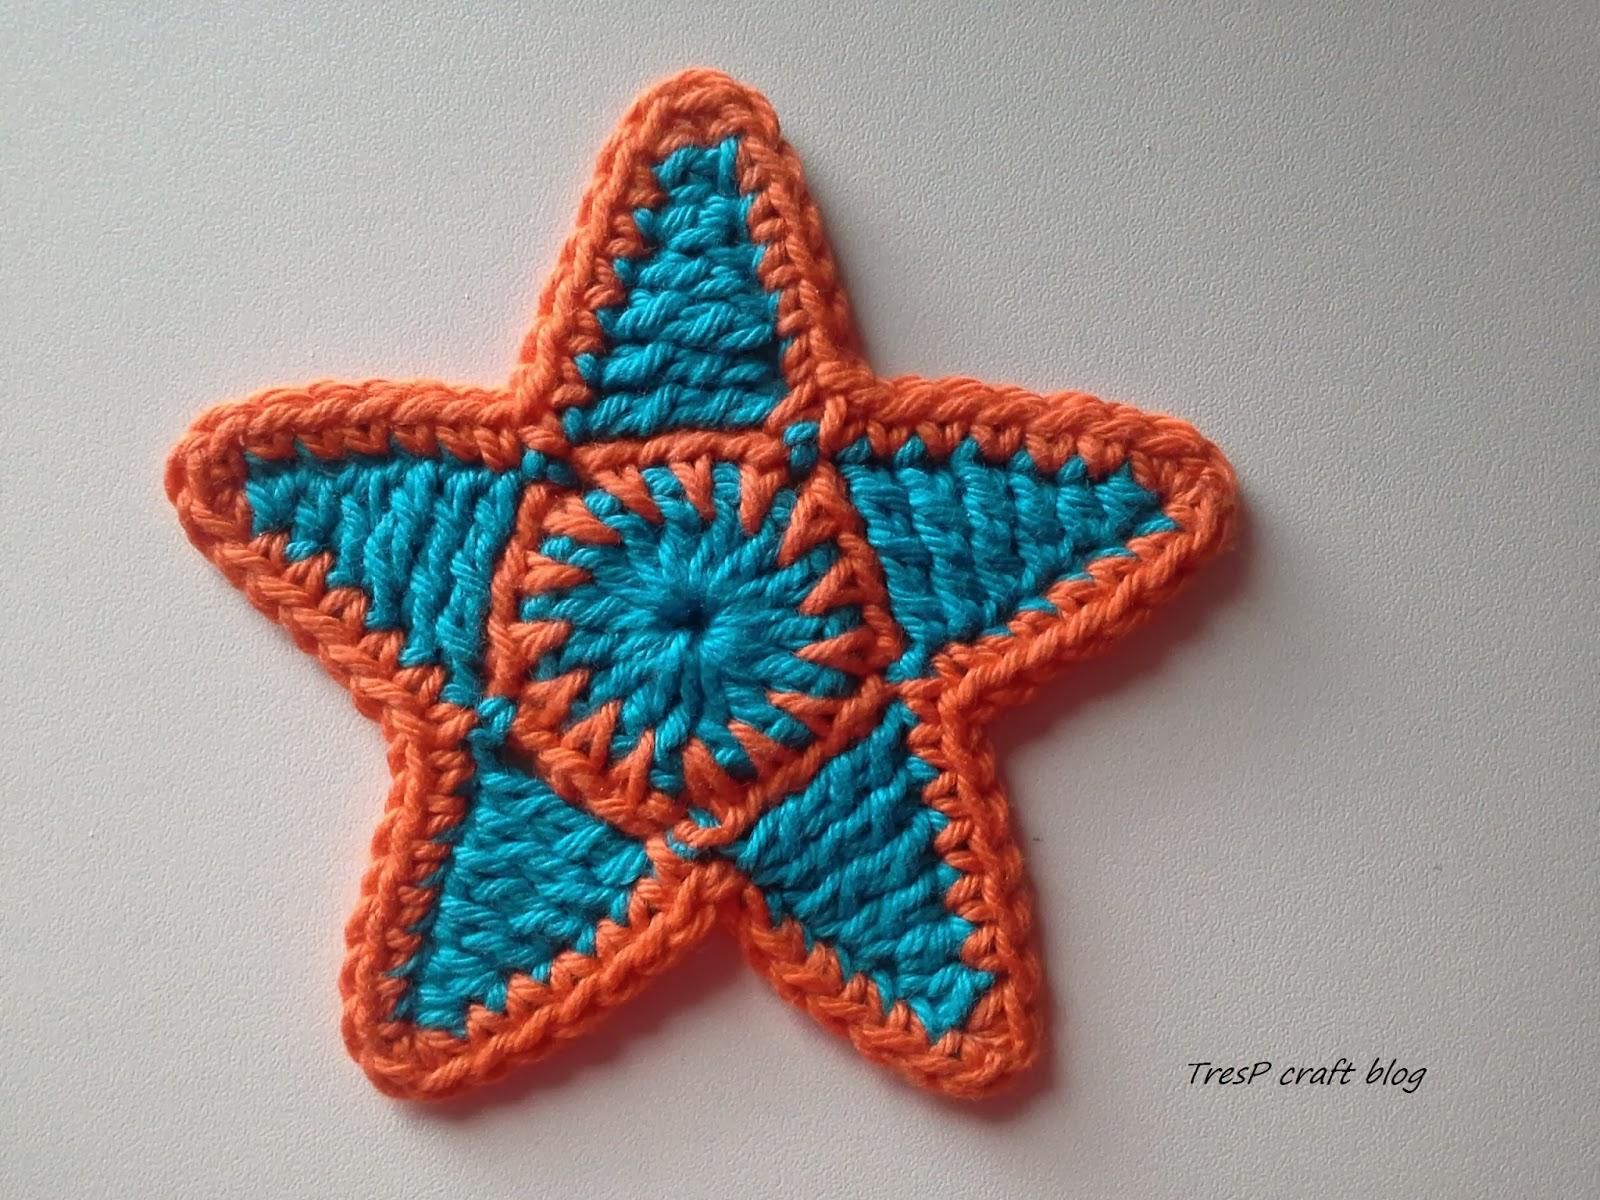 TresP craft blog: TUTORIAL: ESTRELLA DE CROCHET